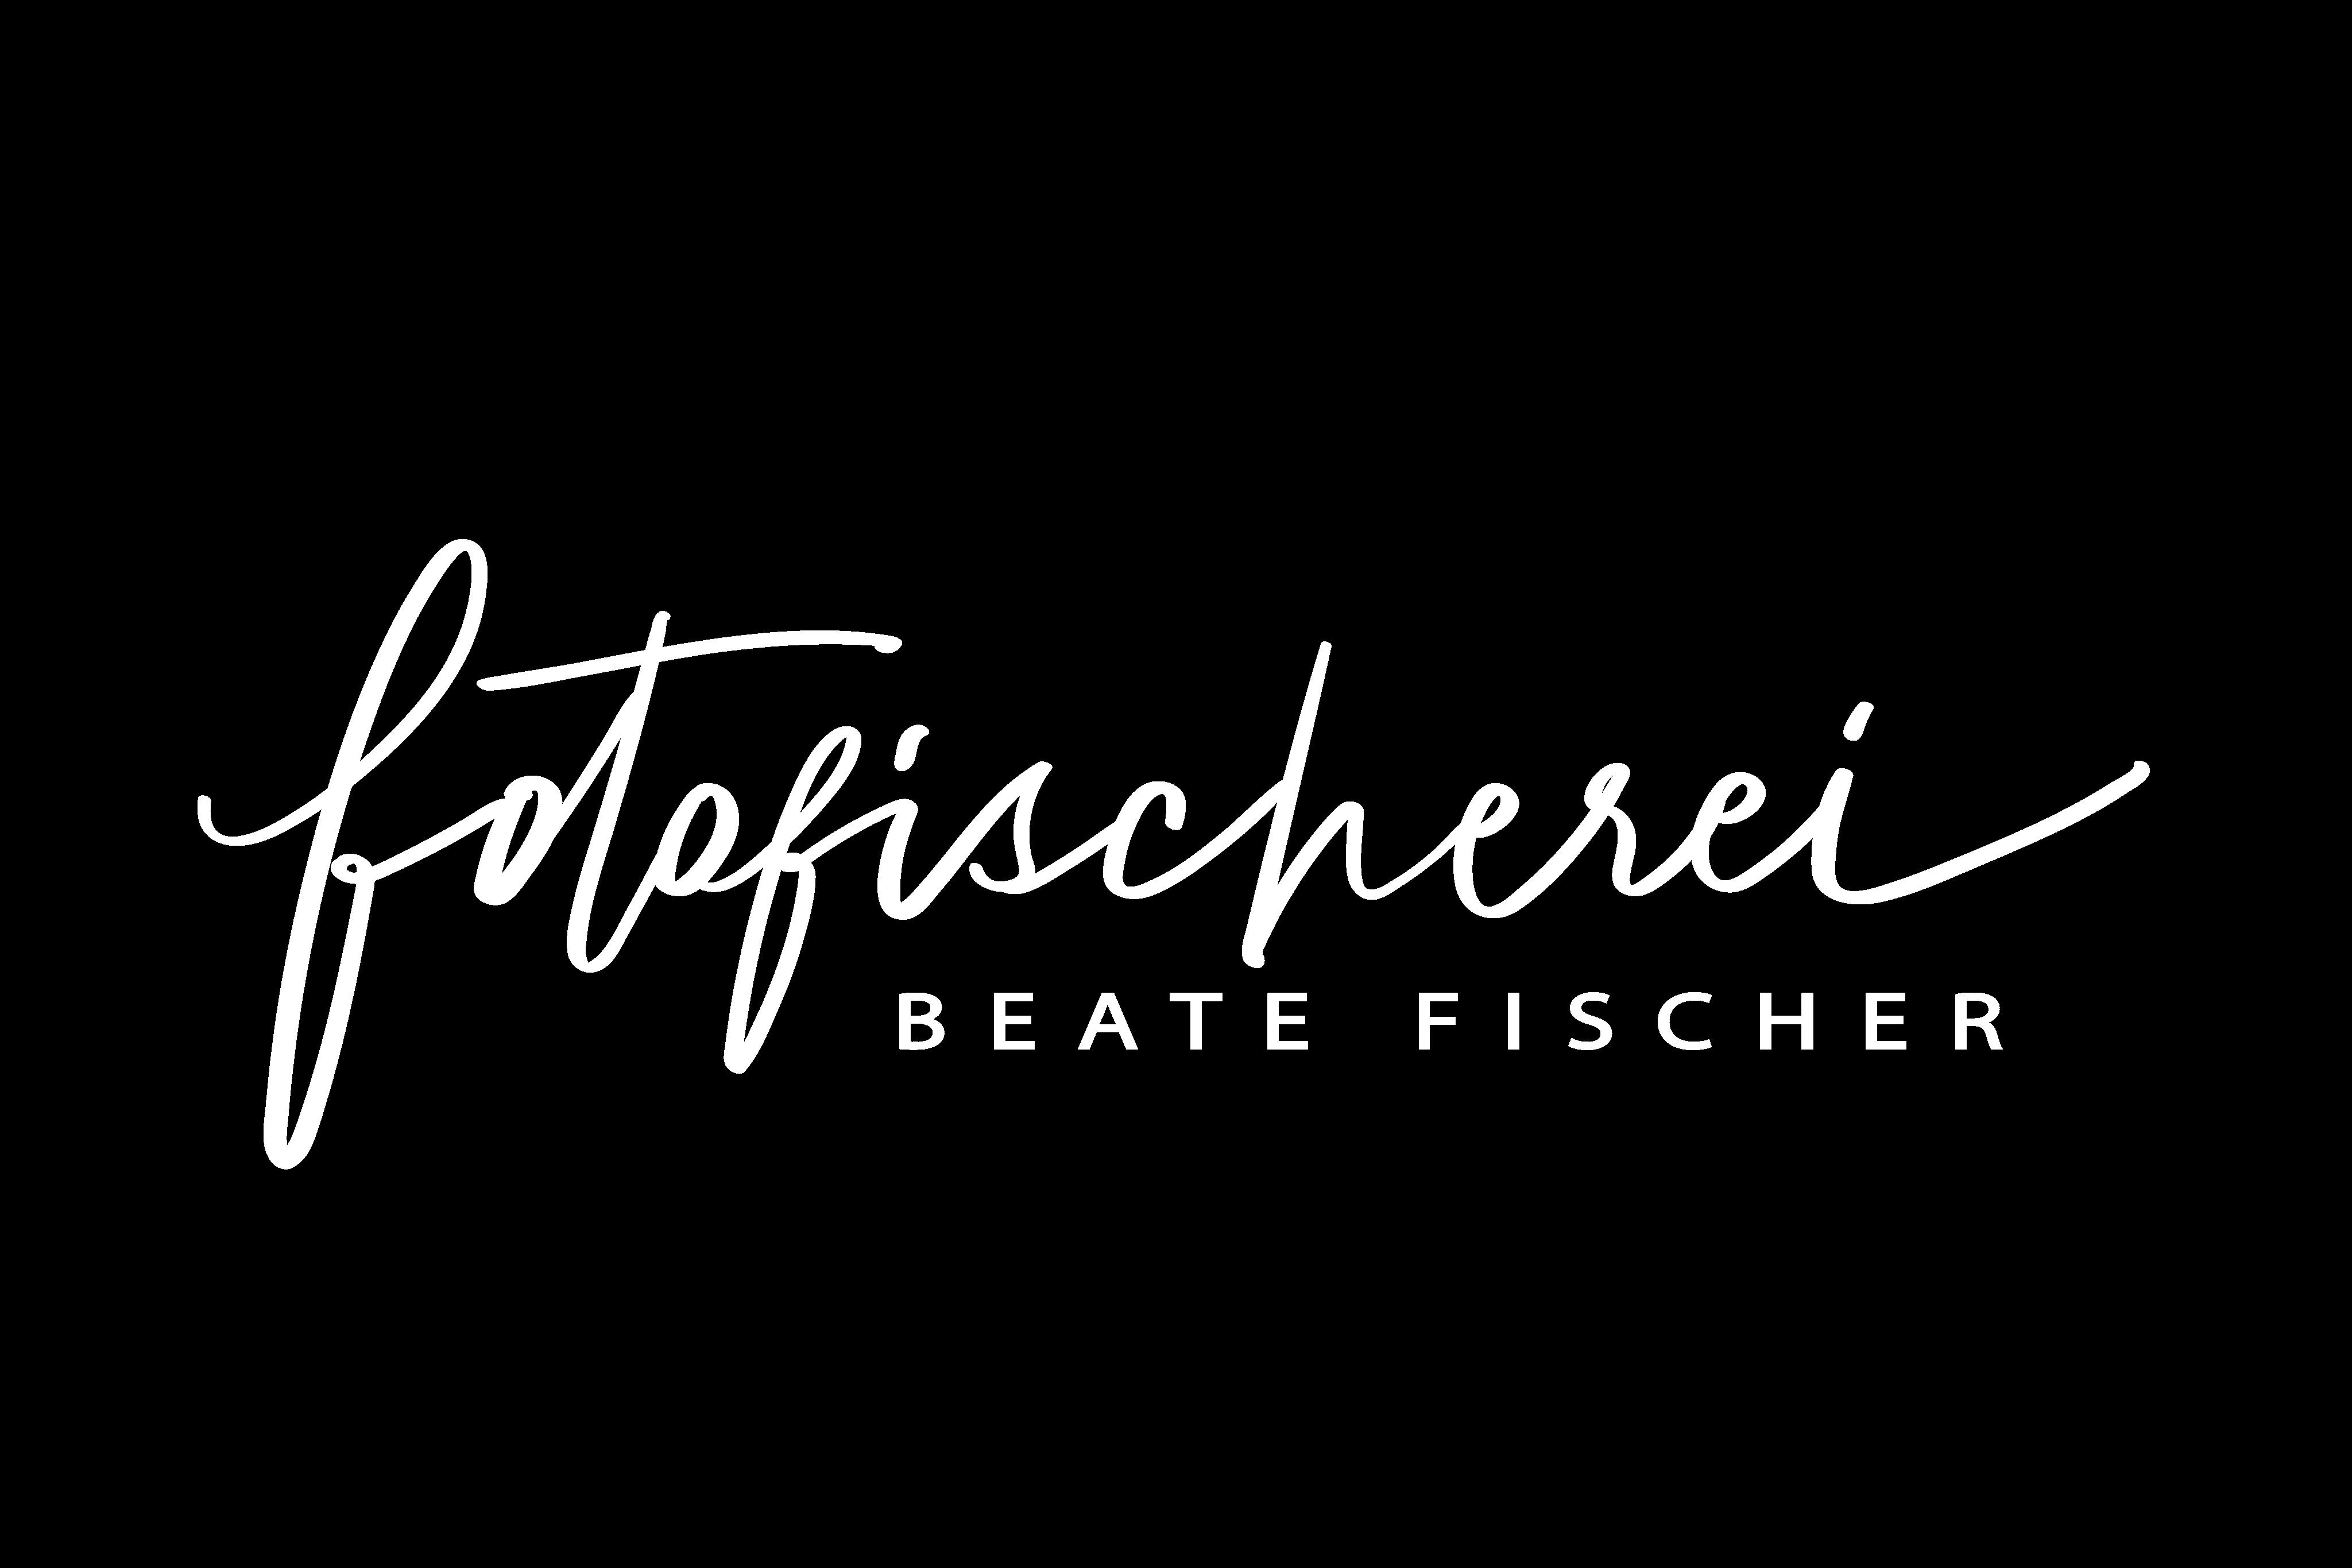 Beate Fischer